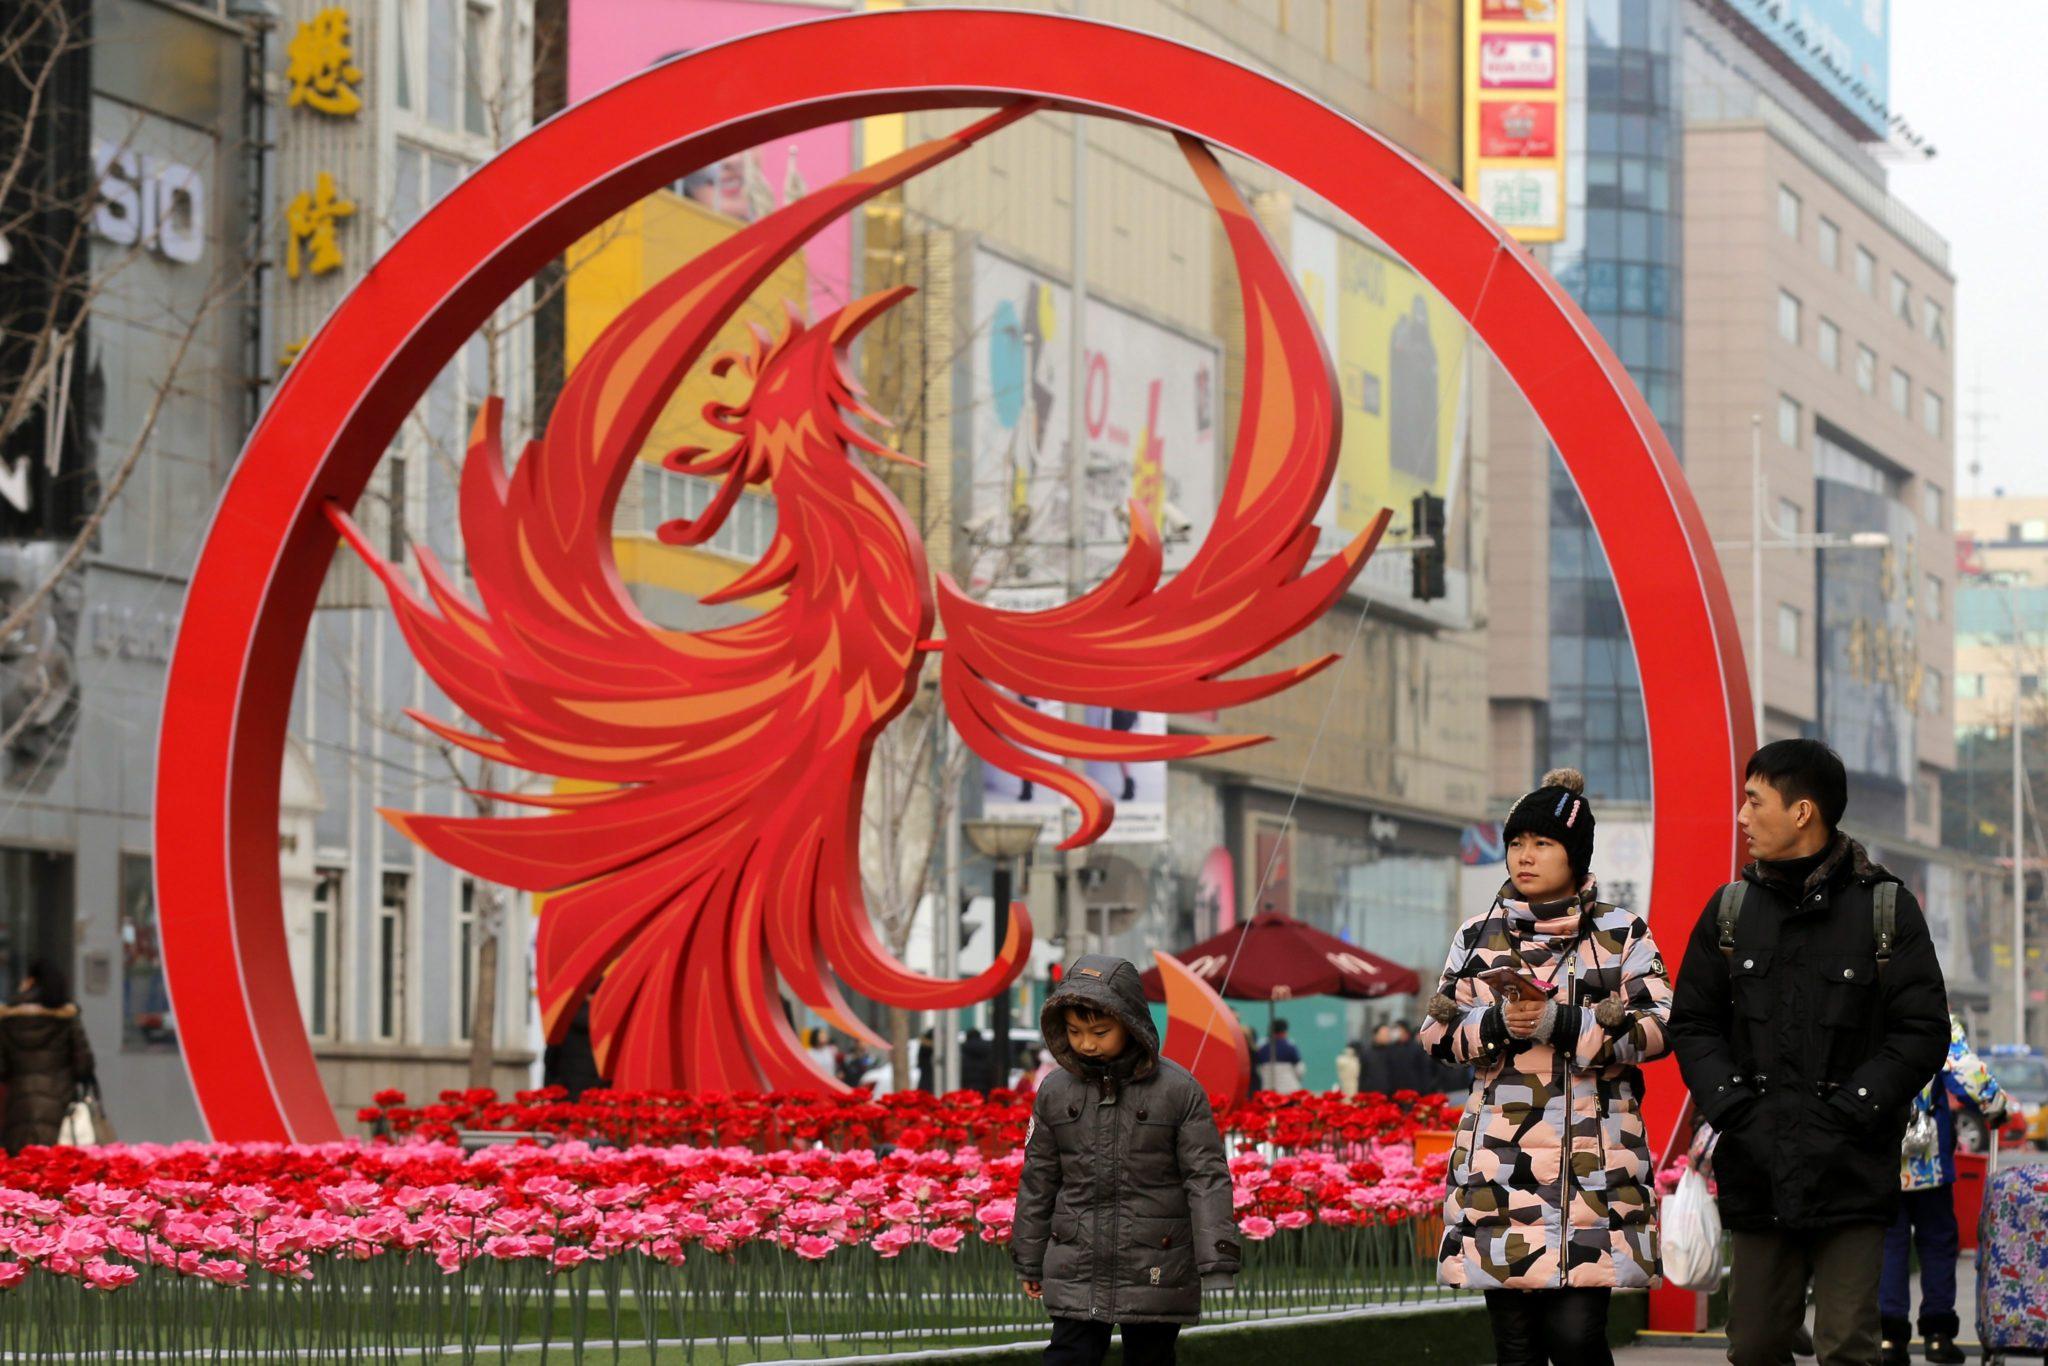 Chony: przygotowania do obchodów Nowego Roku, według kalendarza chińskiego w Pekinie (foto. PAP/ CHINA SPRING FESTIVAL Decorations for upcoming Chinese lunar New Year in Beijing )